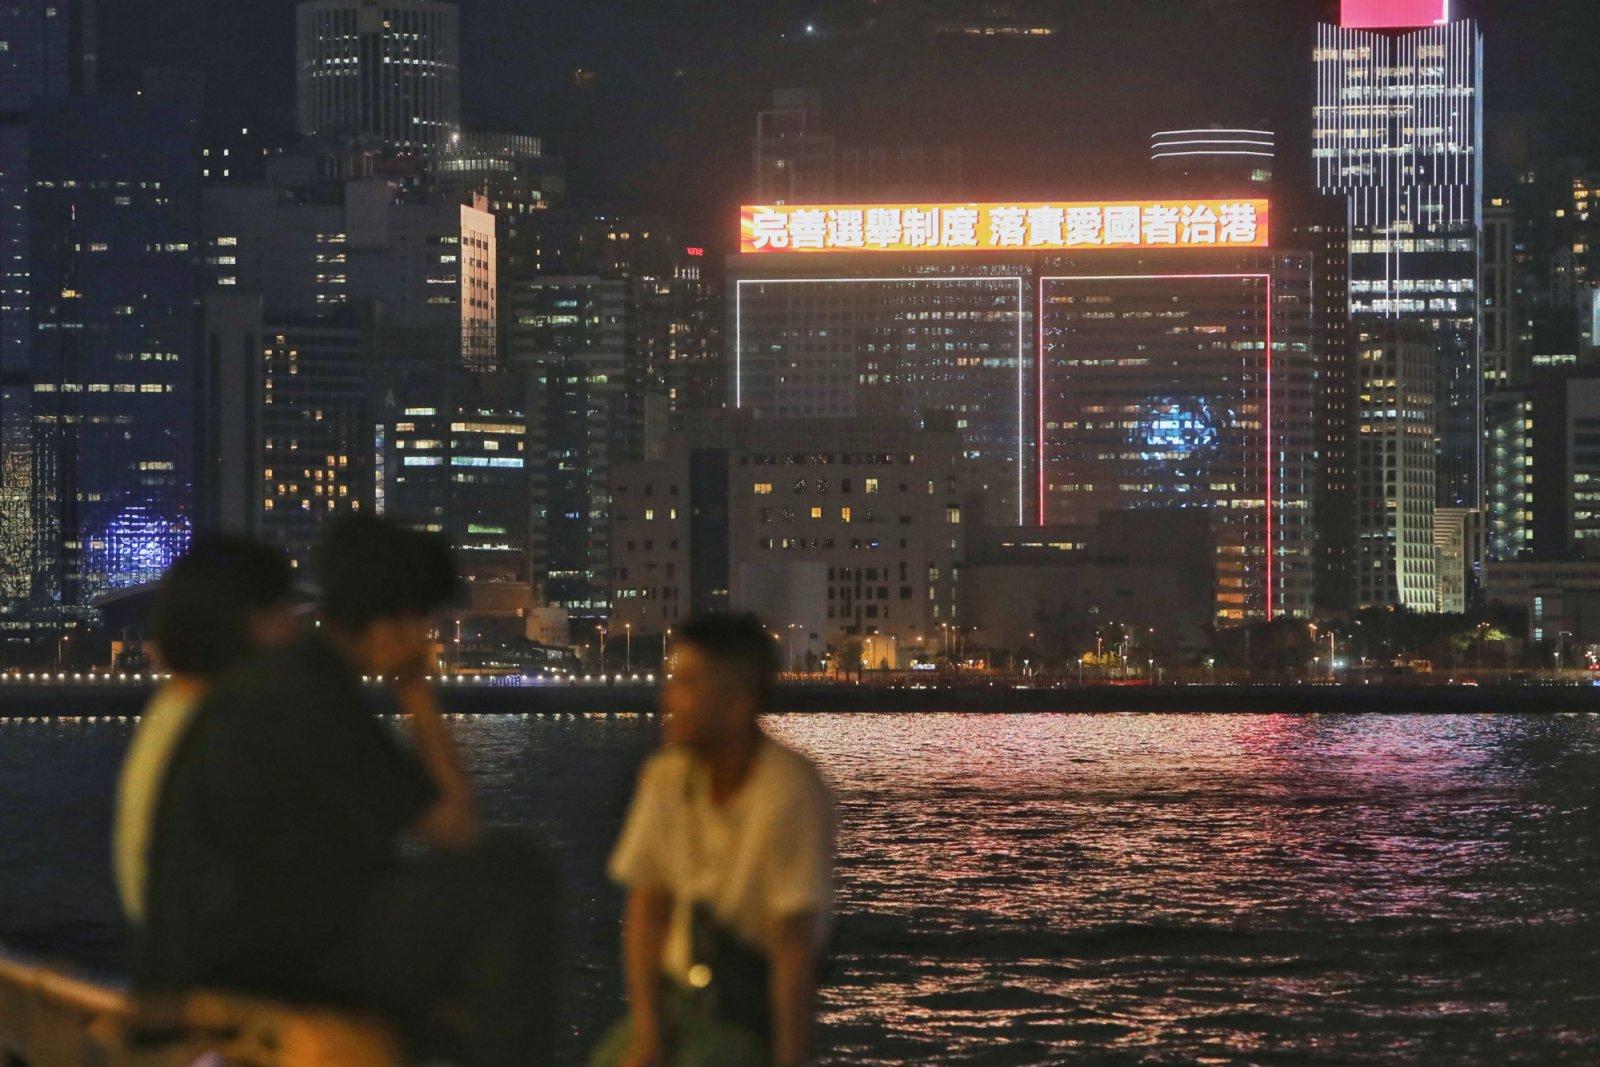 有大廈樓頂大屏幕循環播放「完善選舉制度 落實愛國者治港」的標語。香港中通社